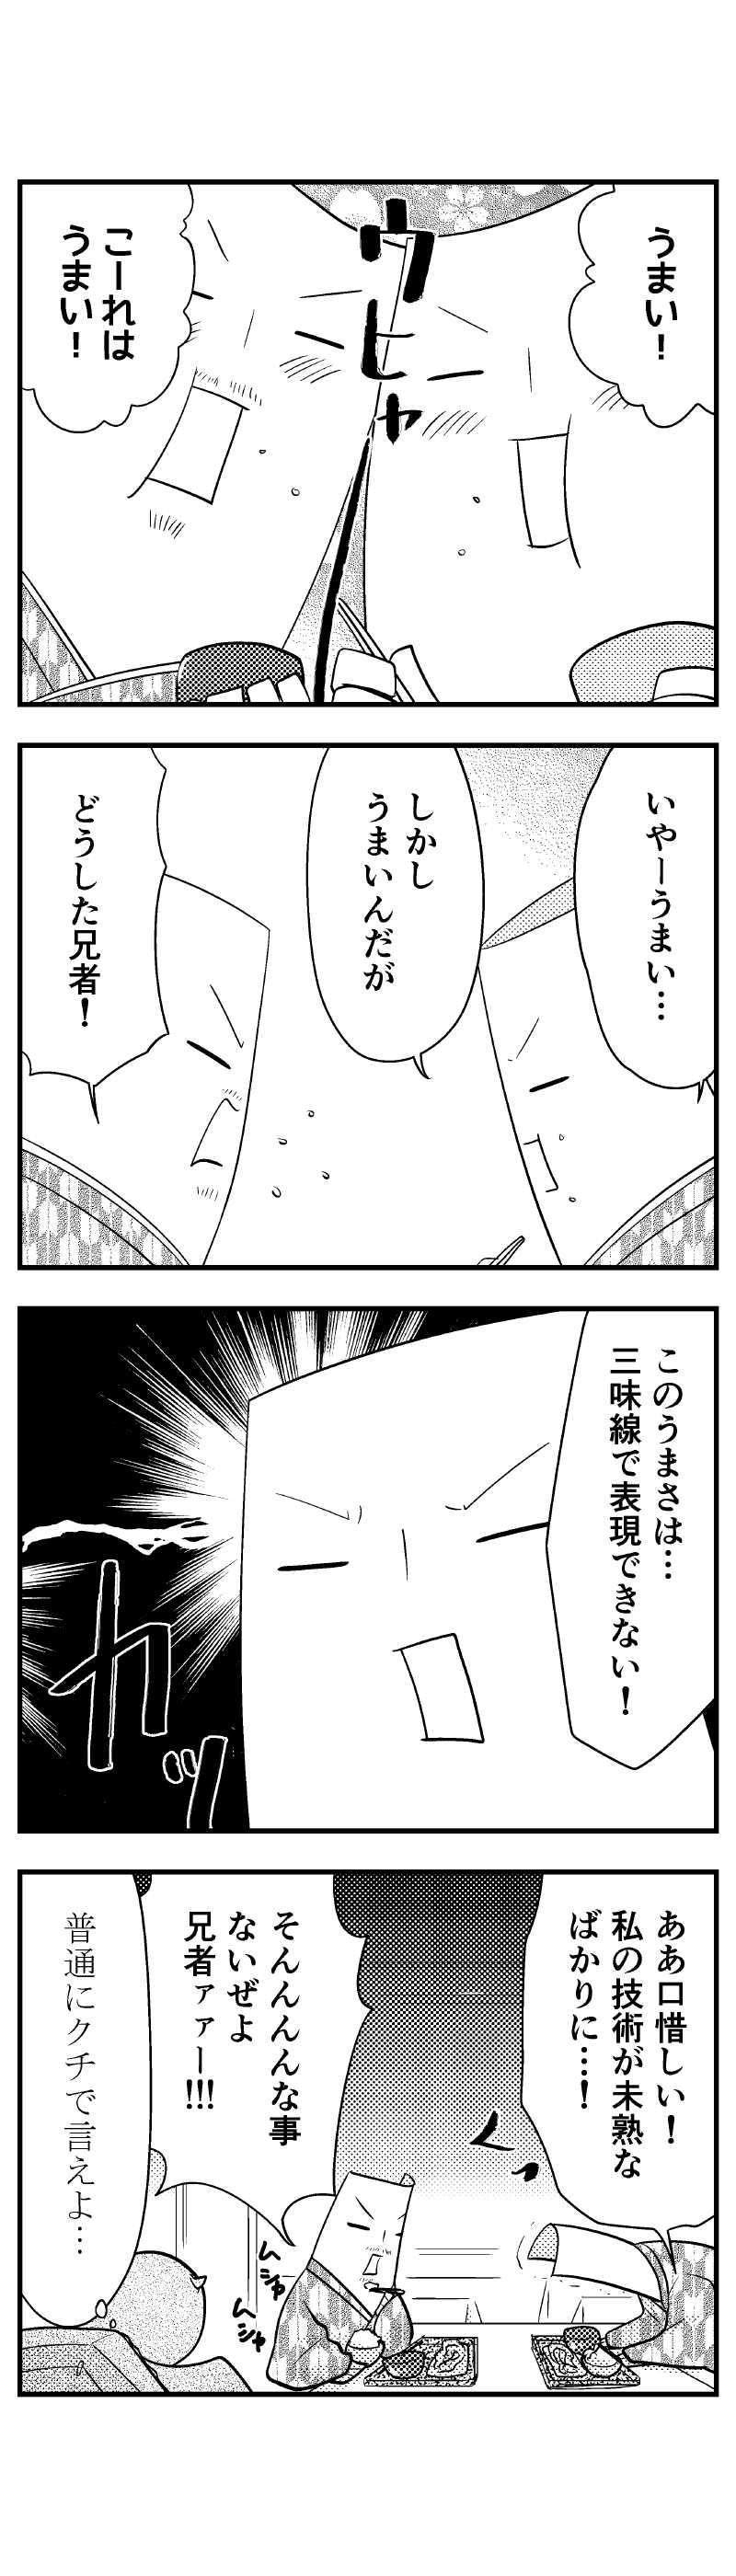 036 三味線人